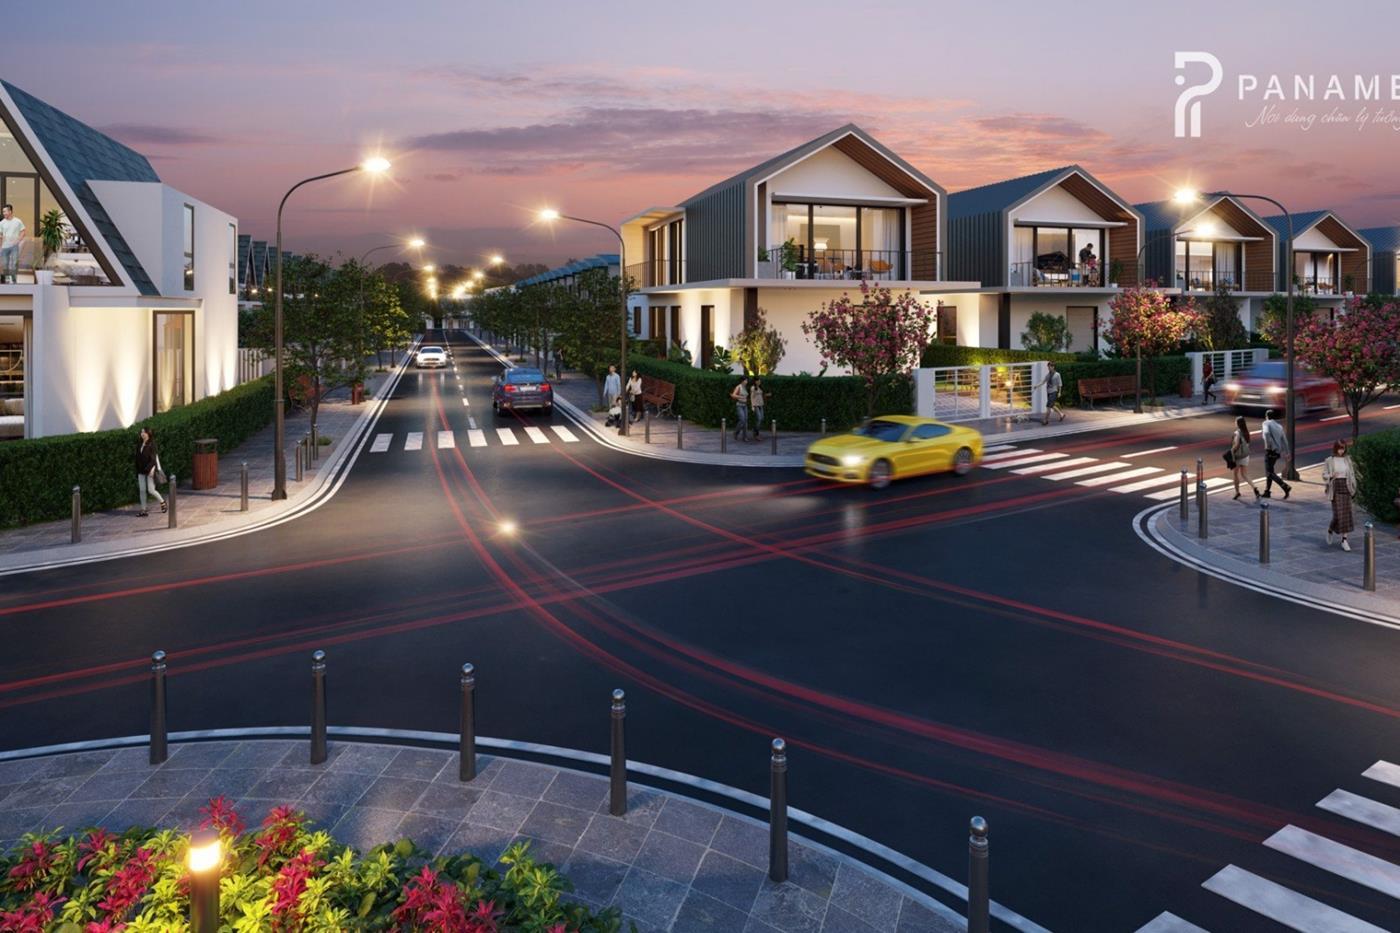 Đường nội khu rông rãi Panamera Bảo Lộc